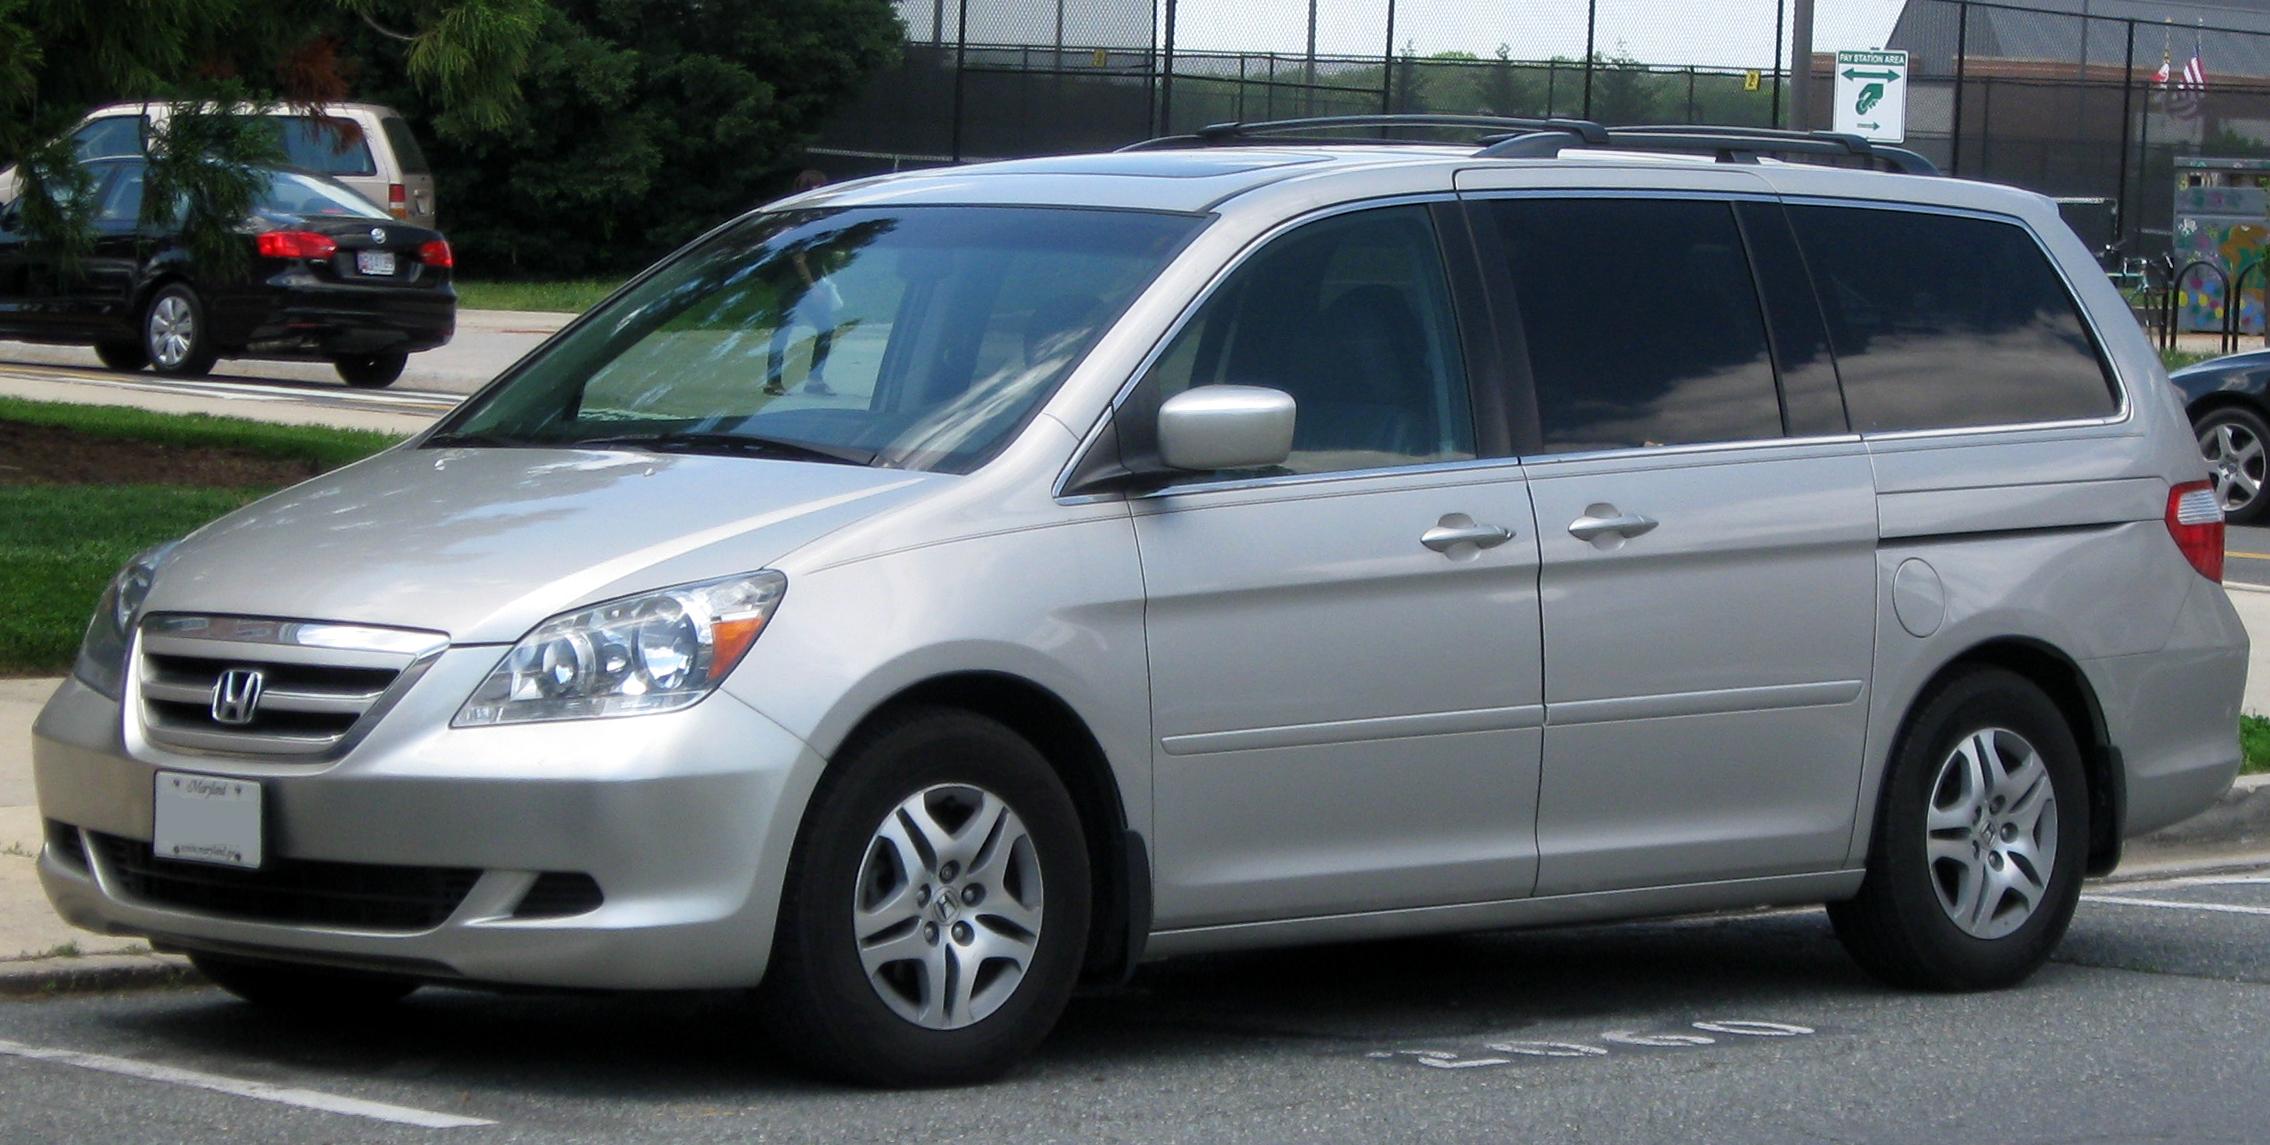 Honda Odyssey (North America) I 1994 - 1998 Minivan #4